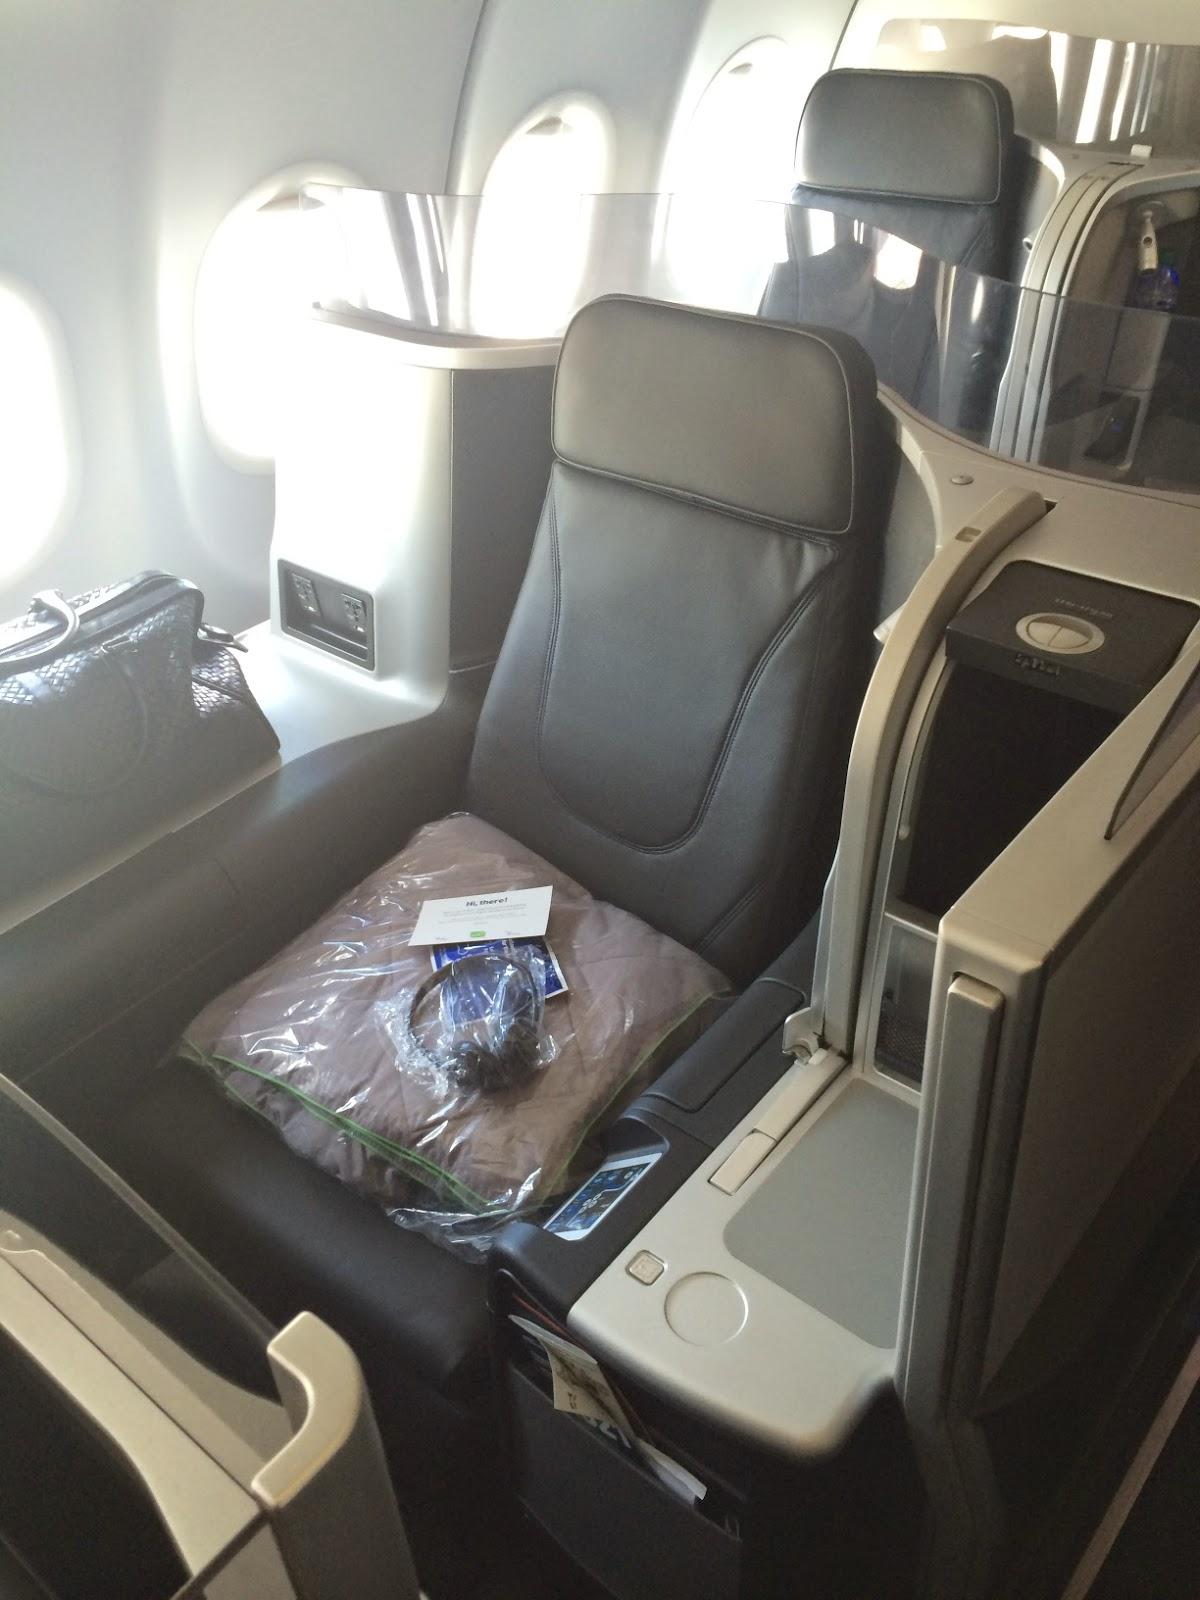 JetBlue Expanding Their Mint First Class Network